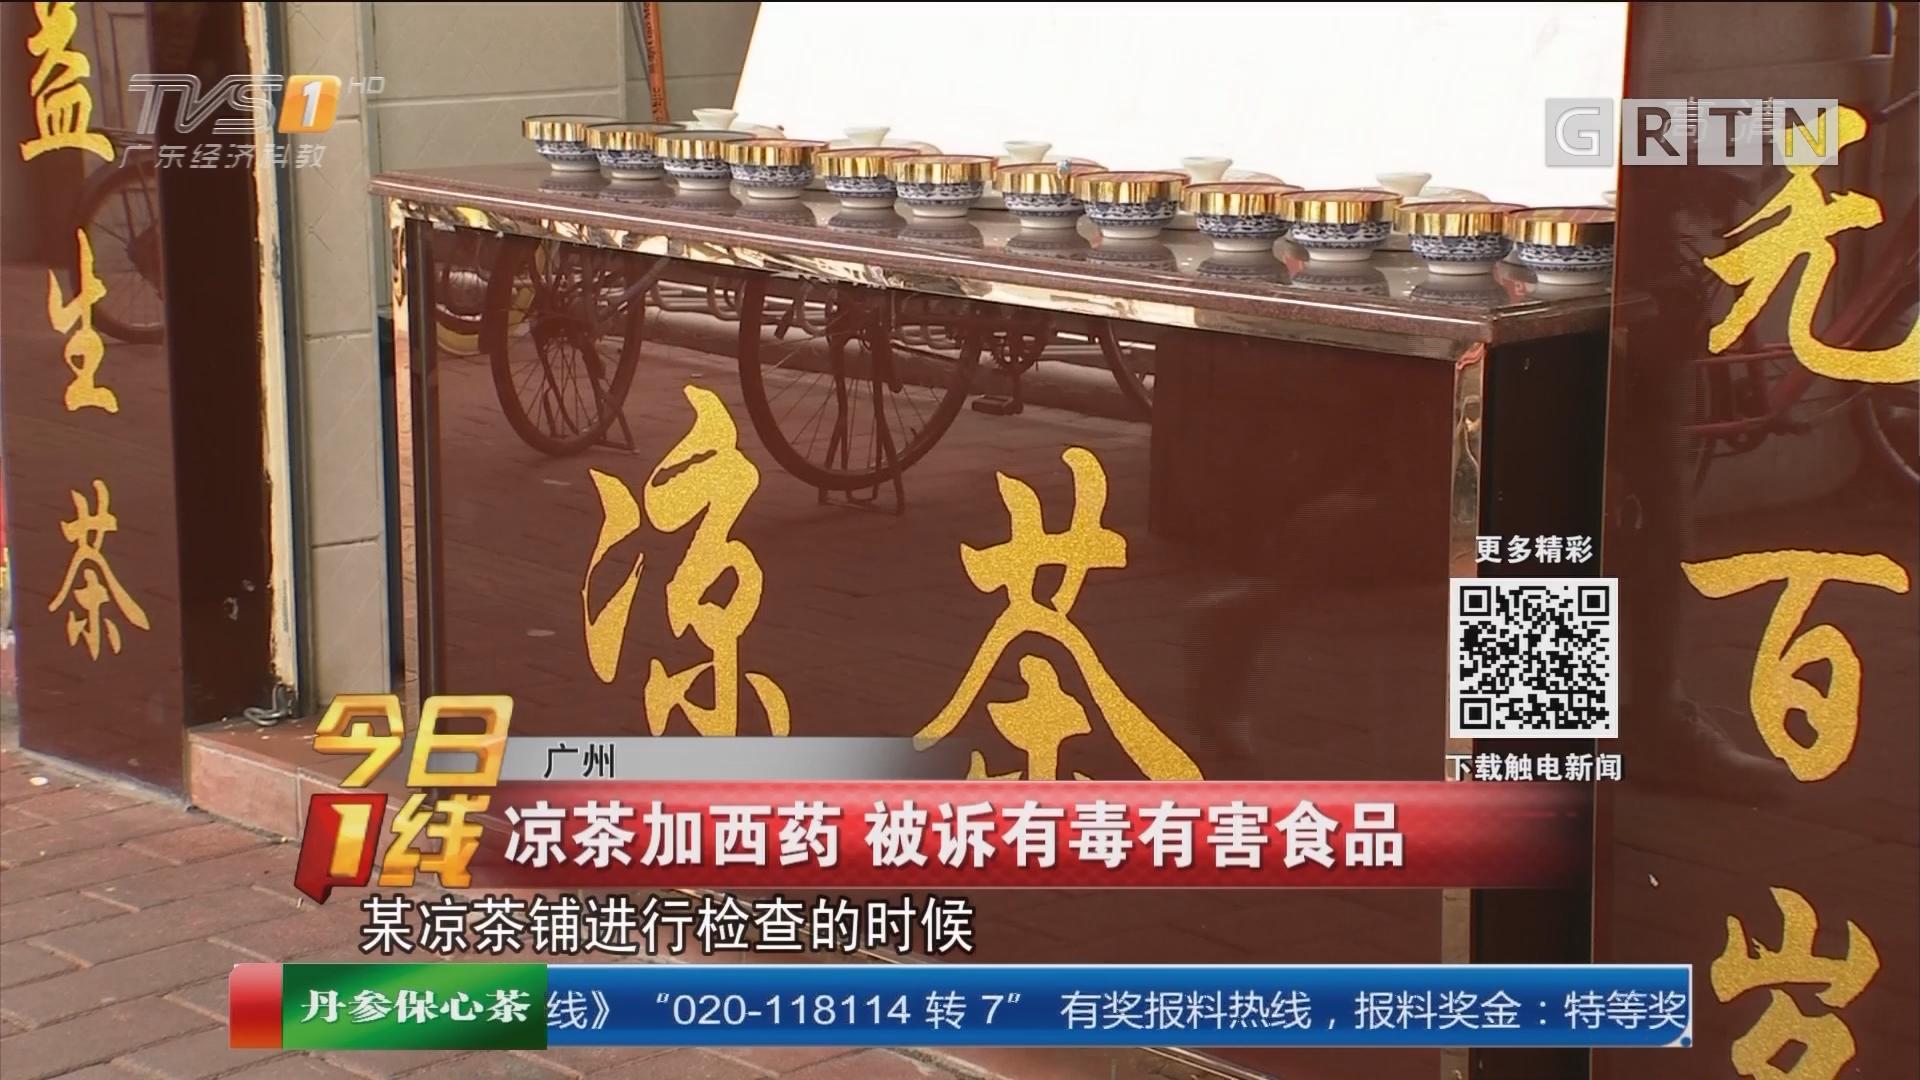 广州:凉茶加西药 被诉有毒有害食品